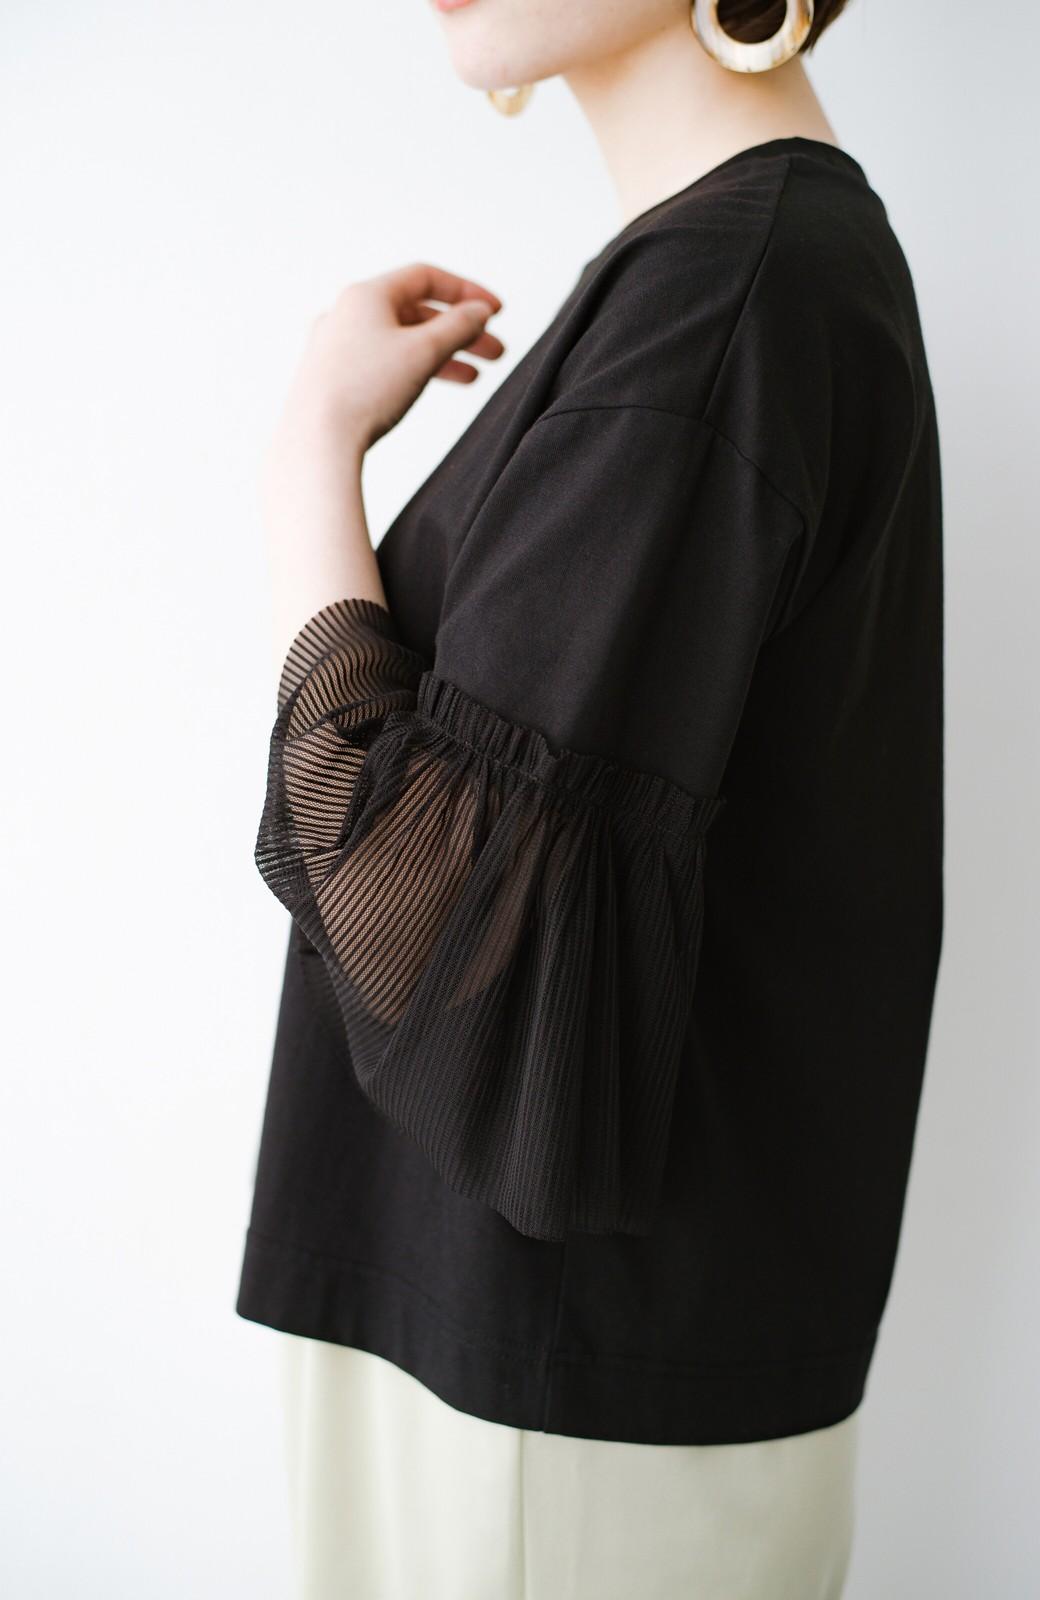 haco! ほんのり透けるストライプ袖が女っぽい 異素材カットソートップス <ブラック>の商品写真4